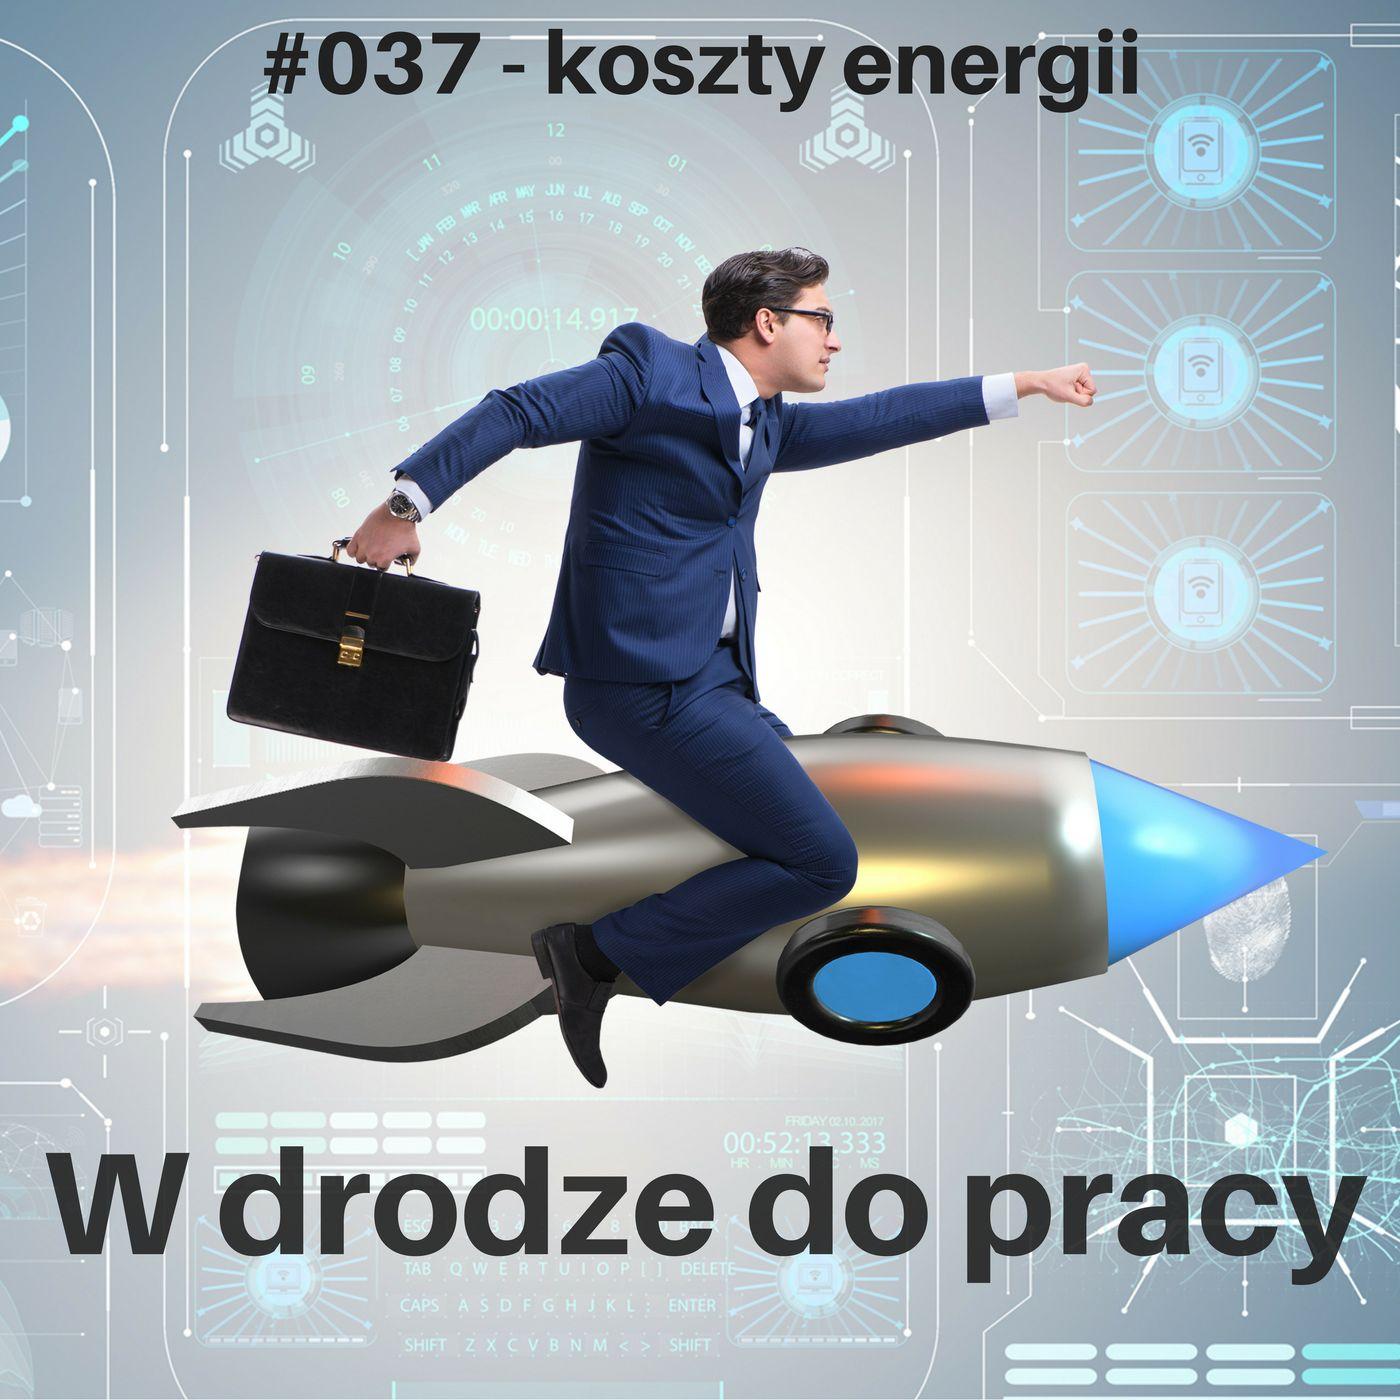 #037 - Dlaczego nie wszyscy mają klimatyzację, czyli koszty vs efektywność pracy